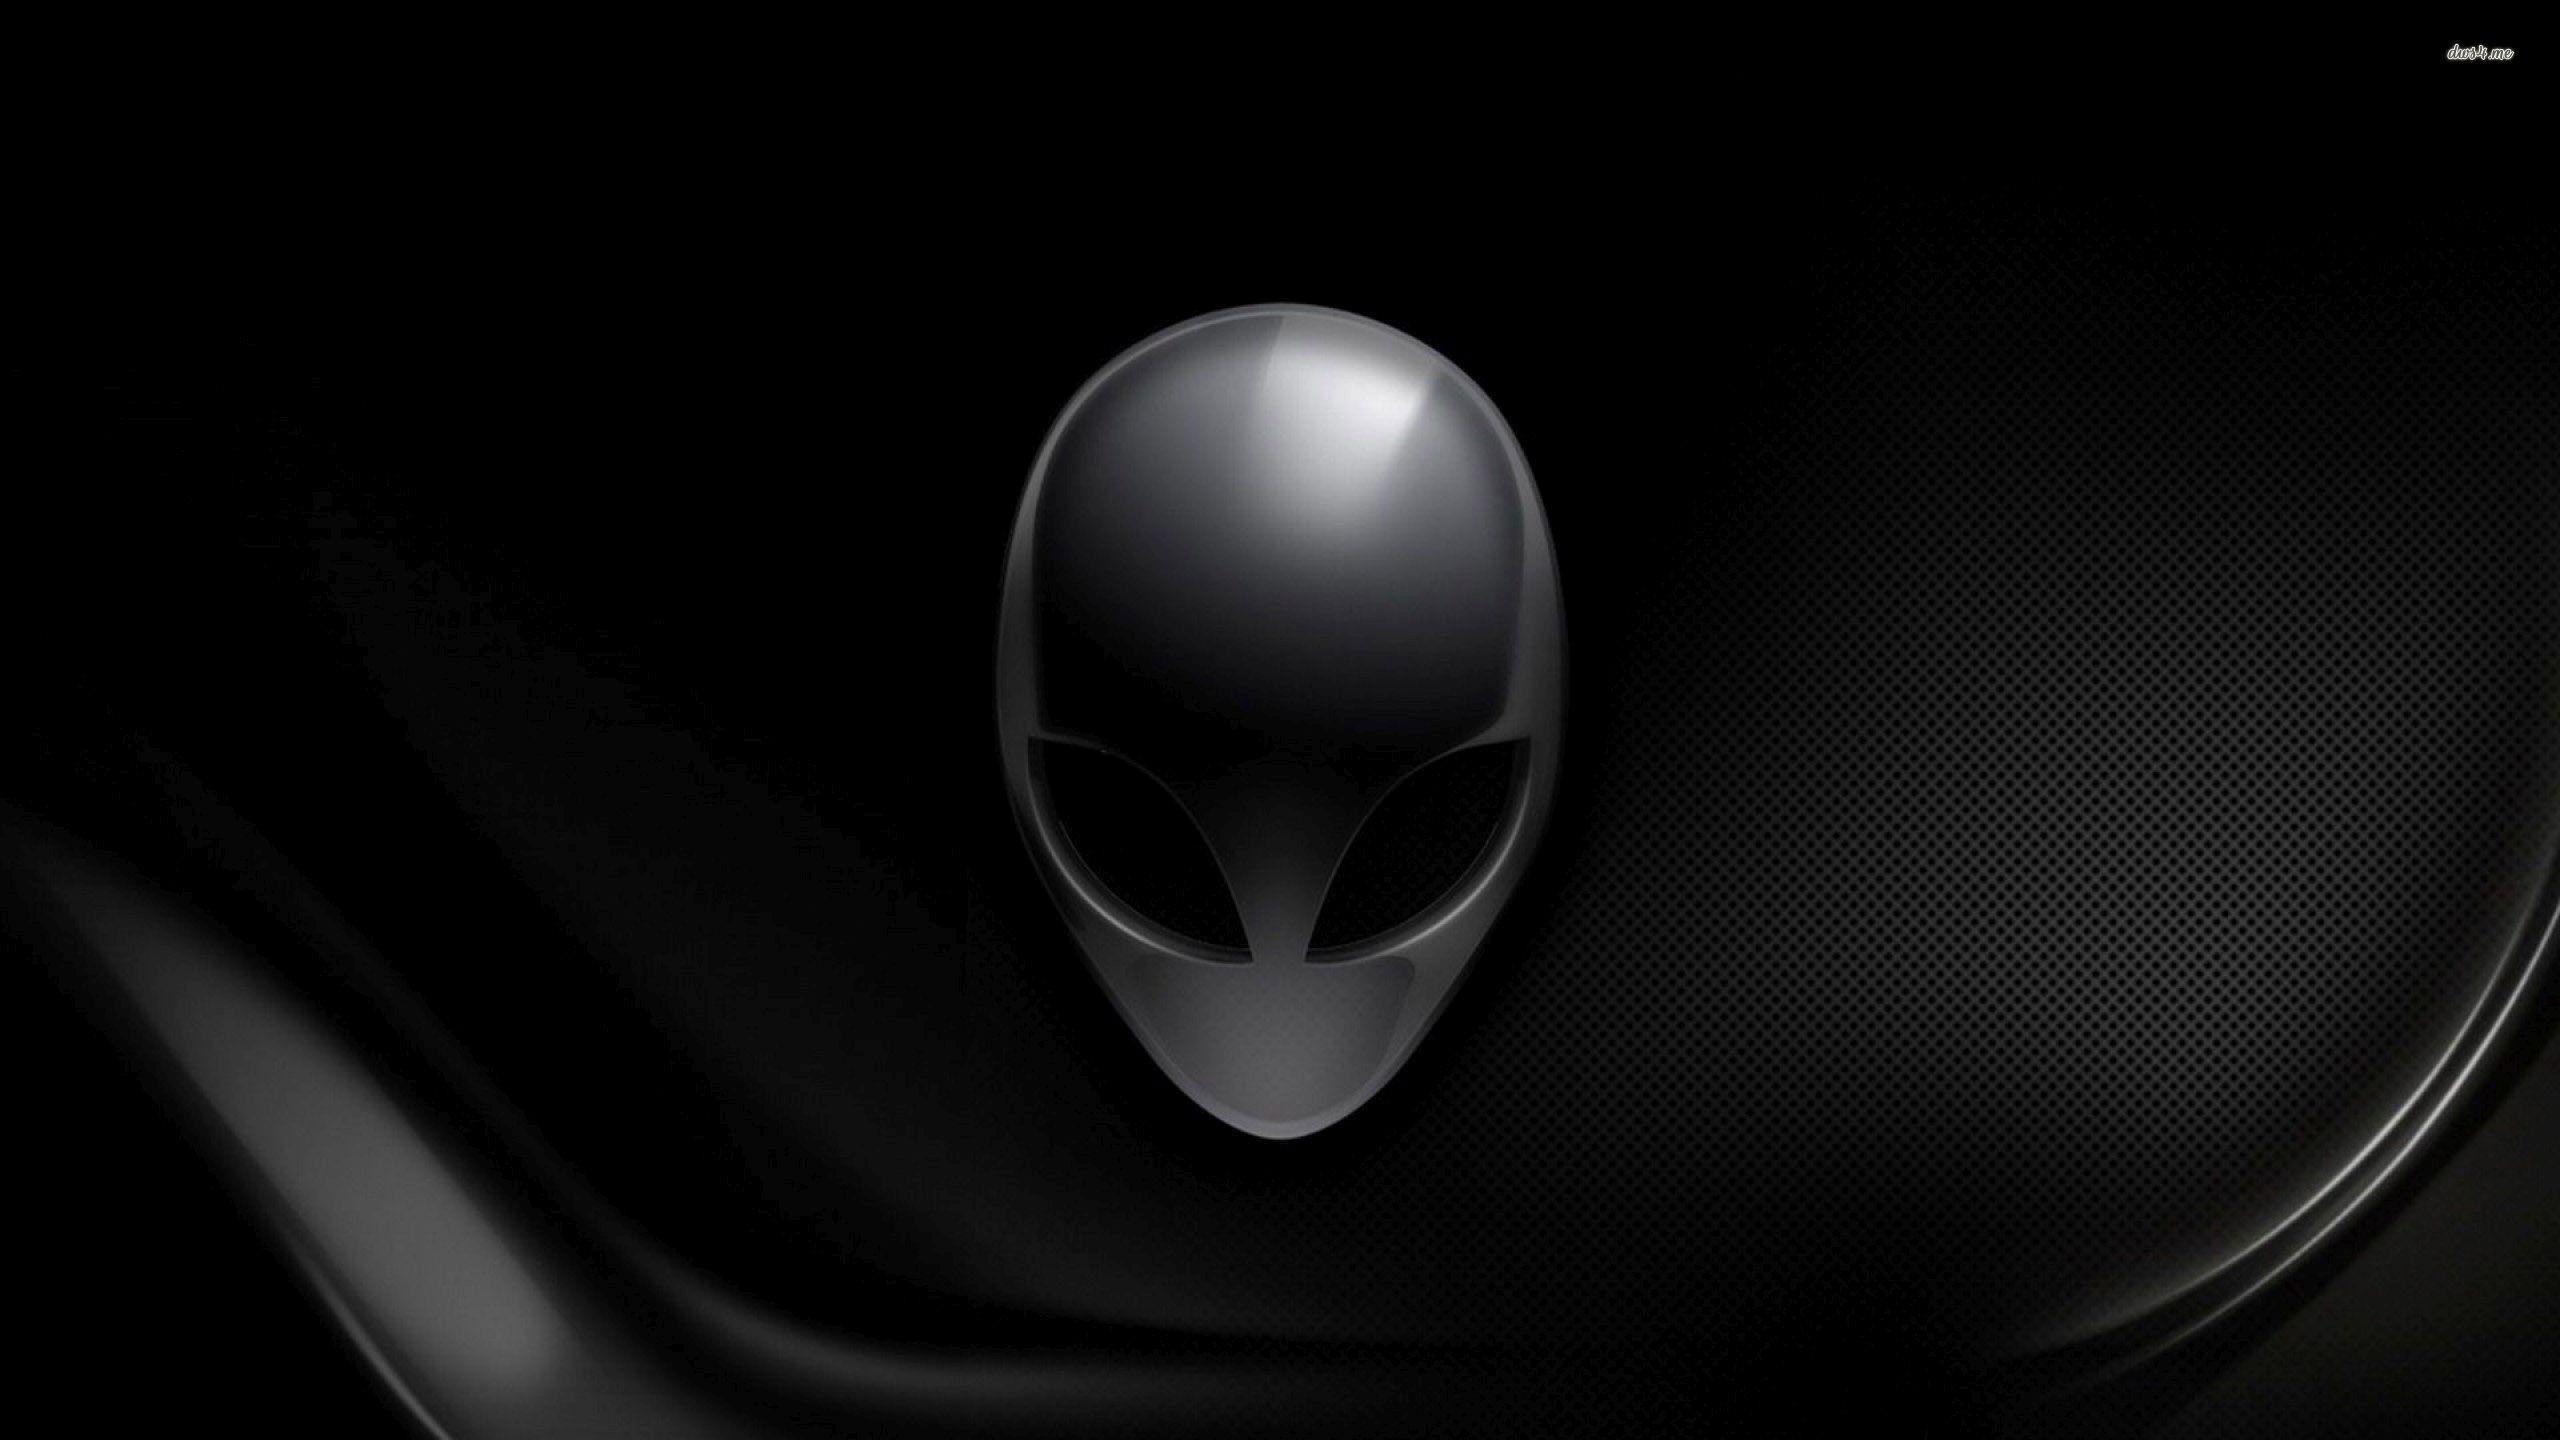 … Black Alienware wallpaper – 1203685 …